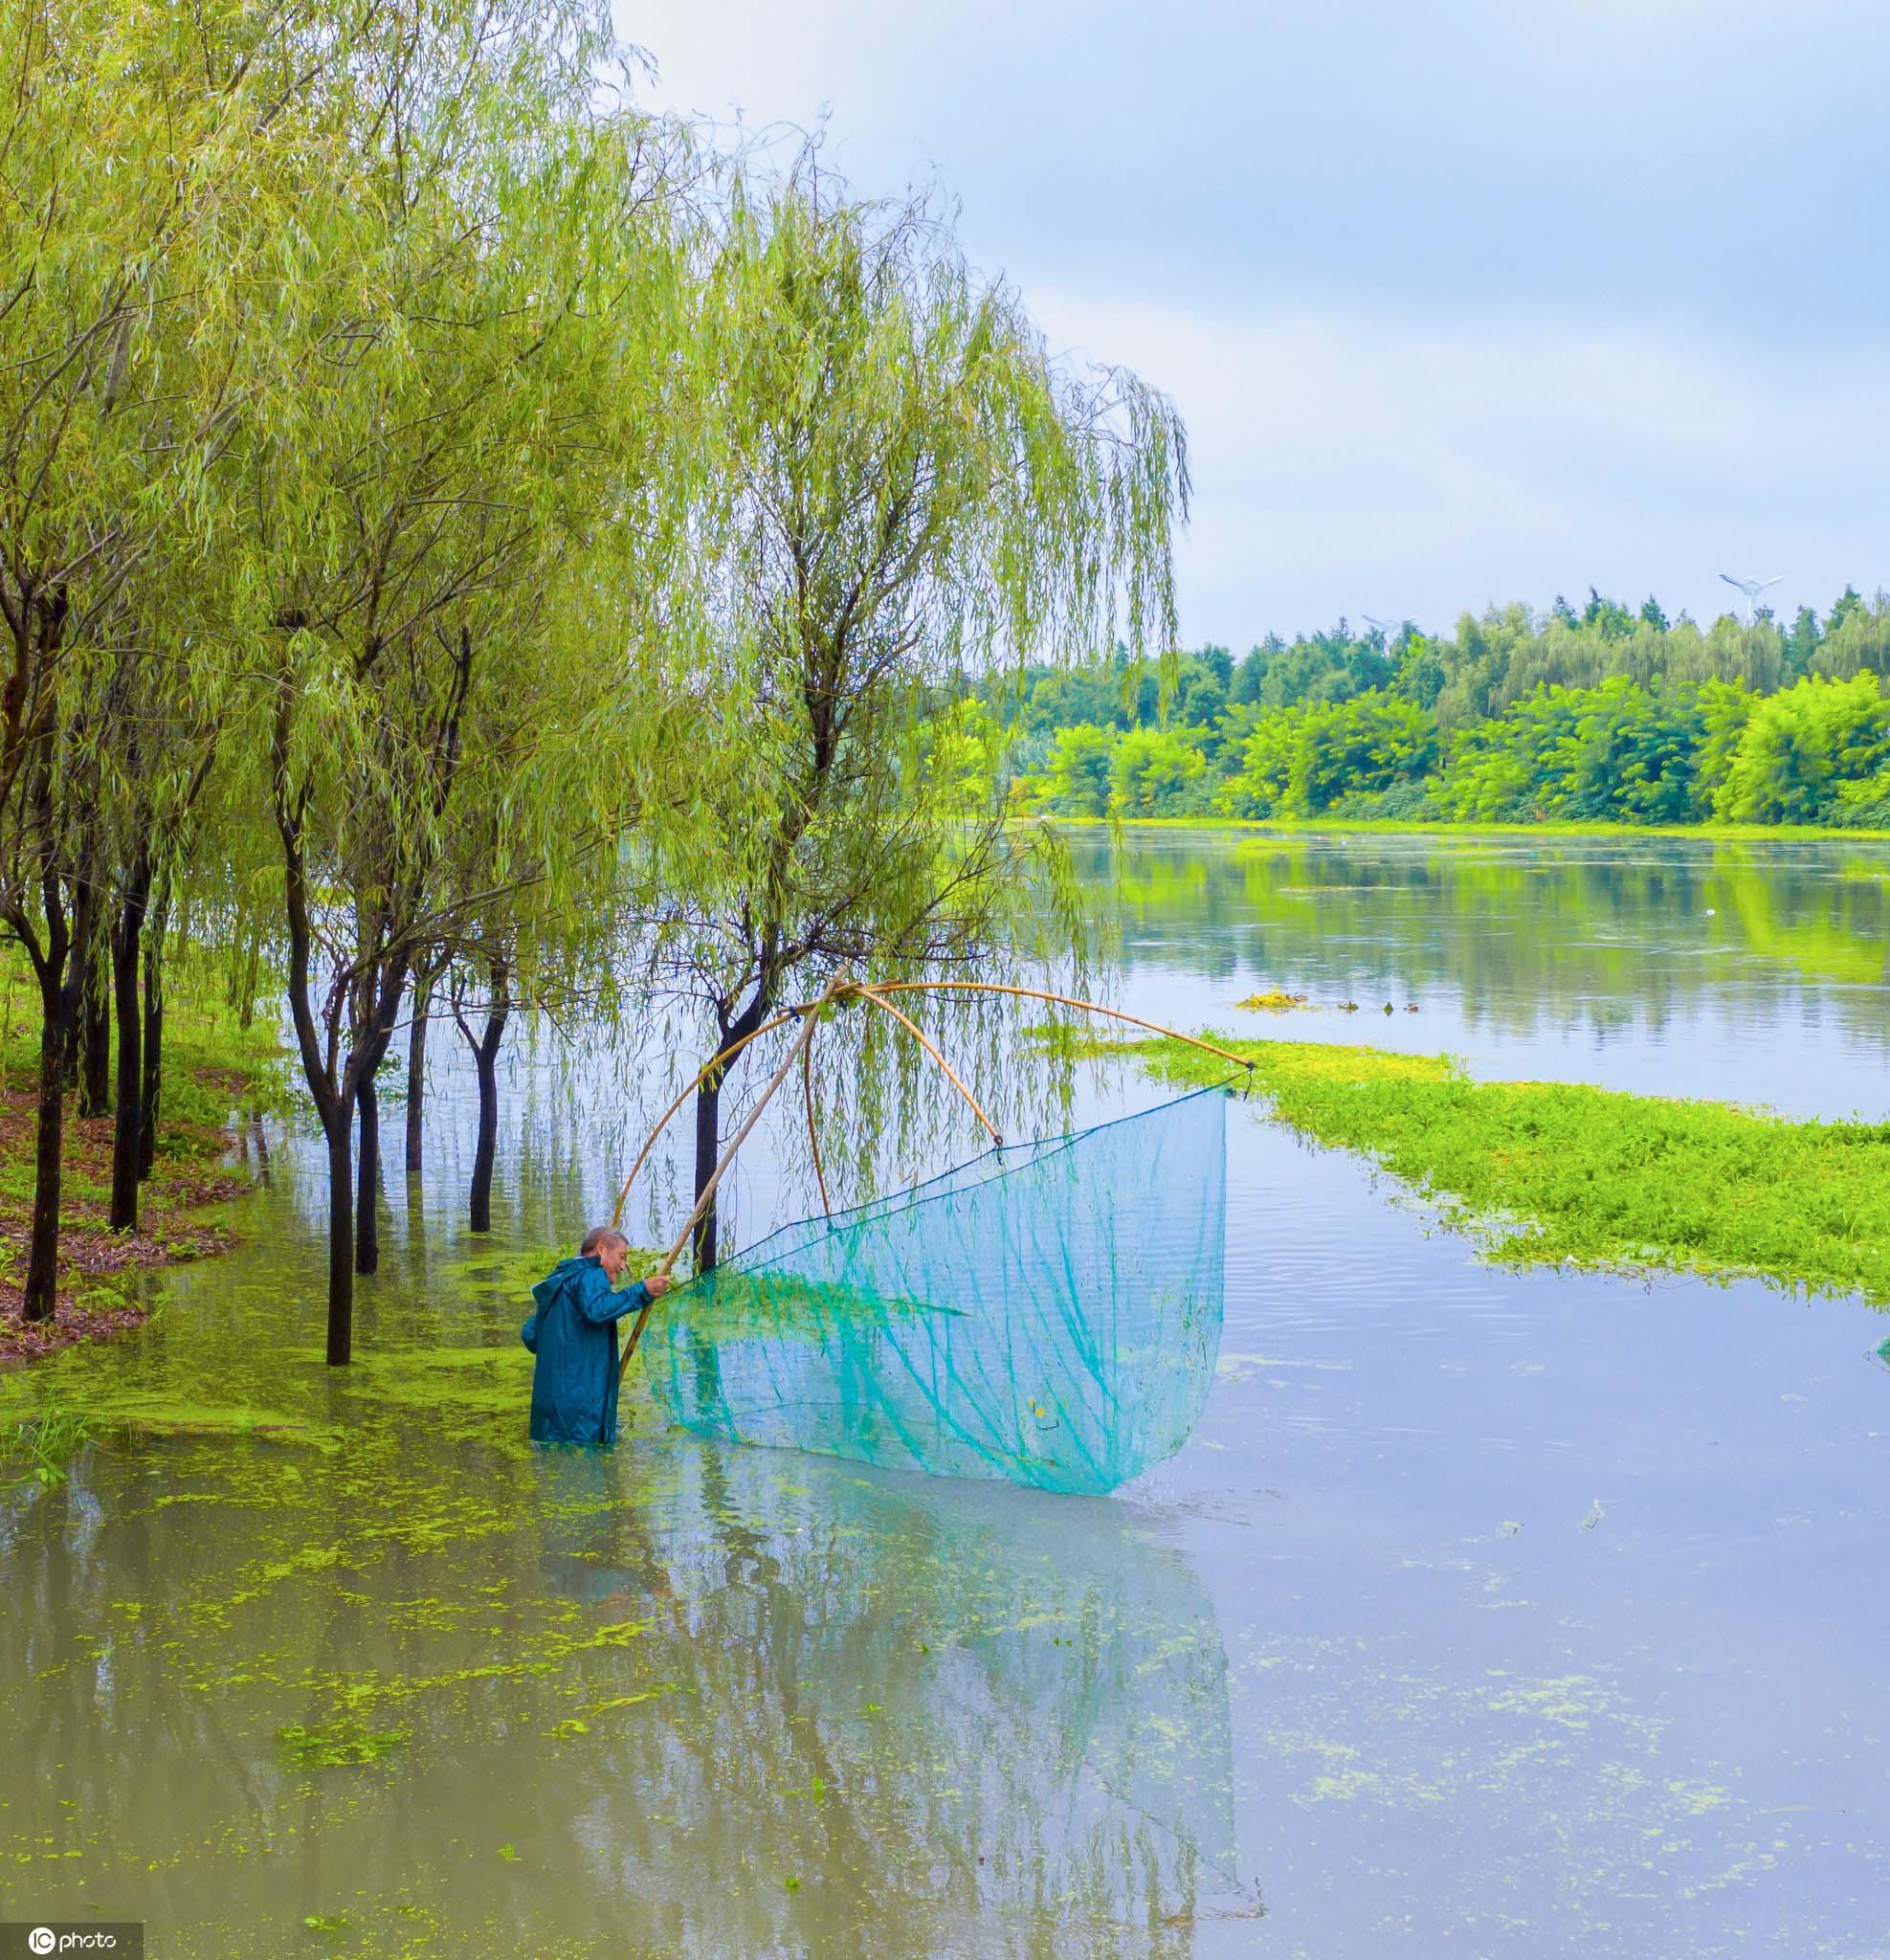 江苏泗洪:暴雨过后村民捕鱼乐